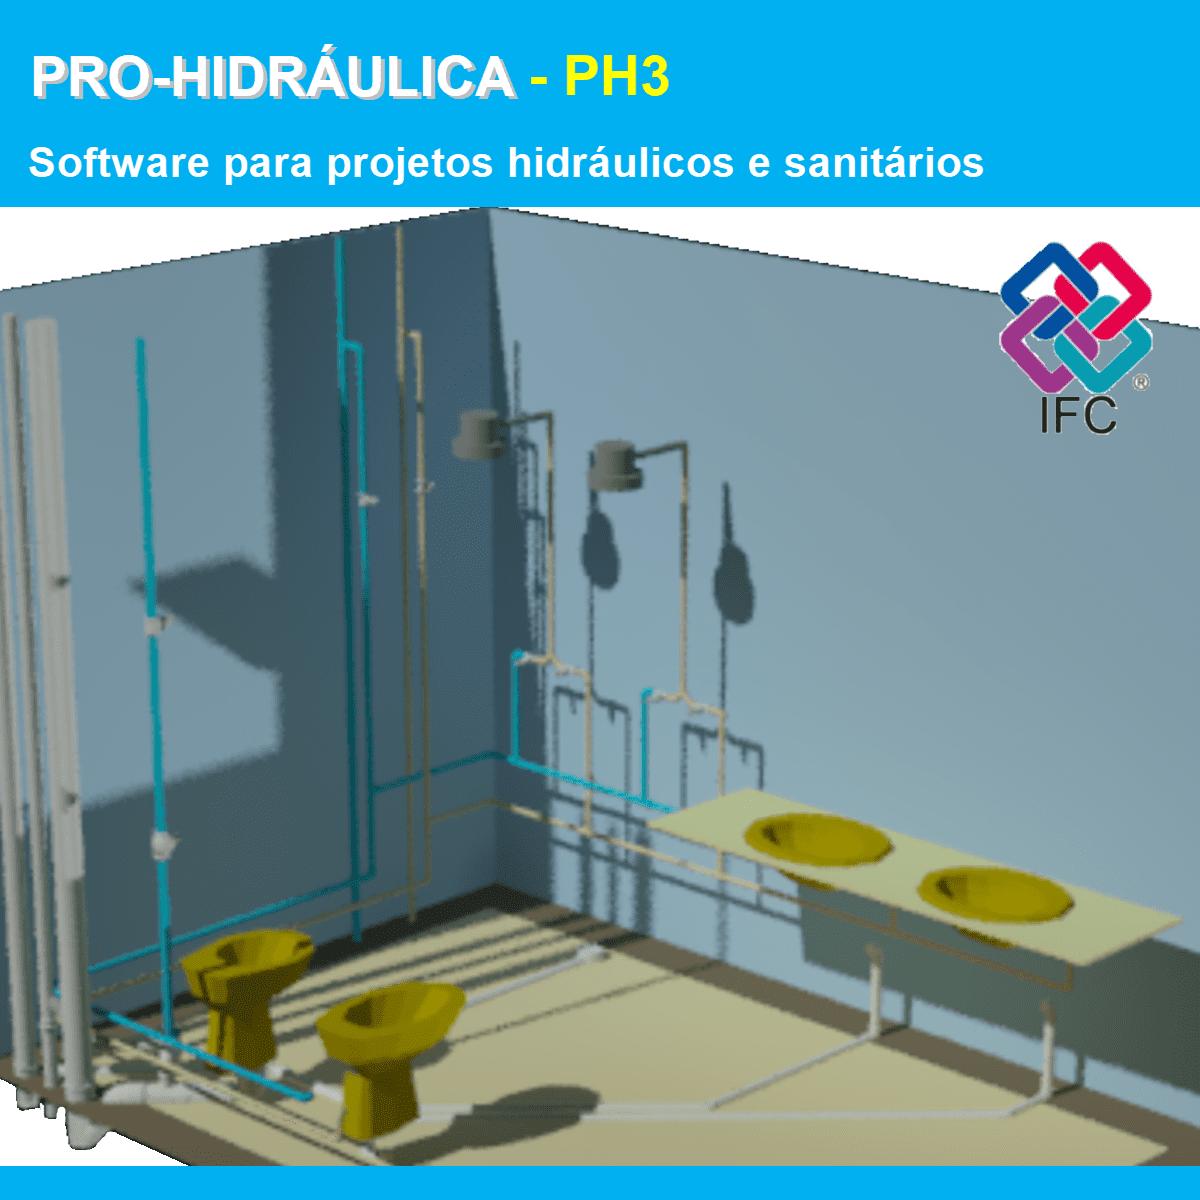 Software PRO-Hidraulica versão 18 Pacote PH3 incluindo Detalhamento, Dimensionamento e Exportação em IFC  - MULTIPLUS SOFTWARES